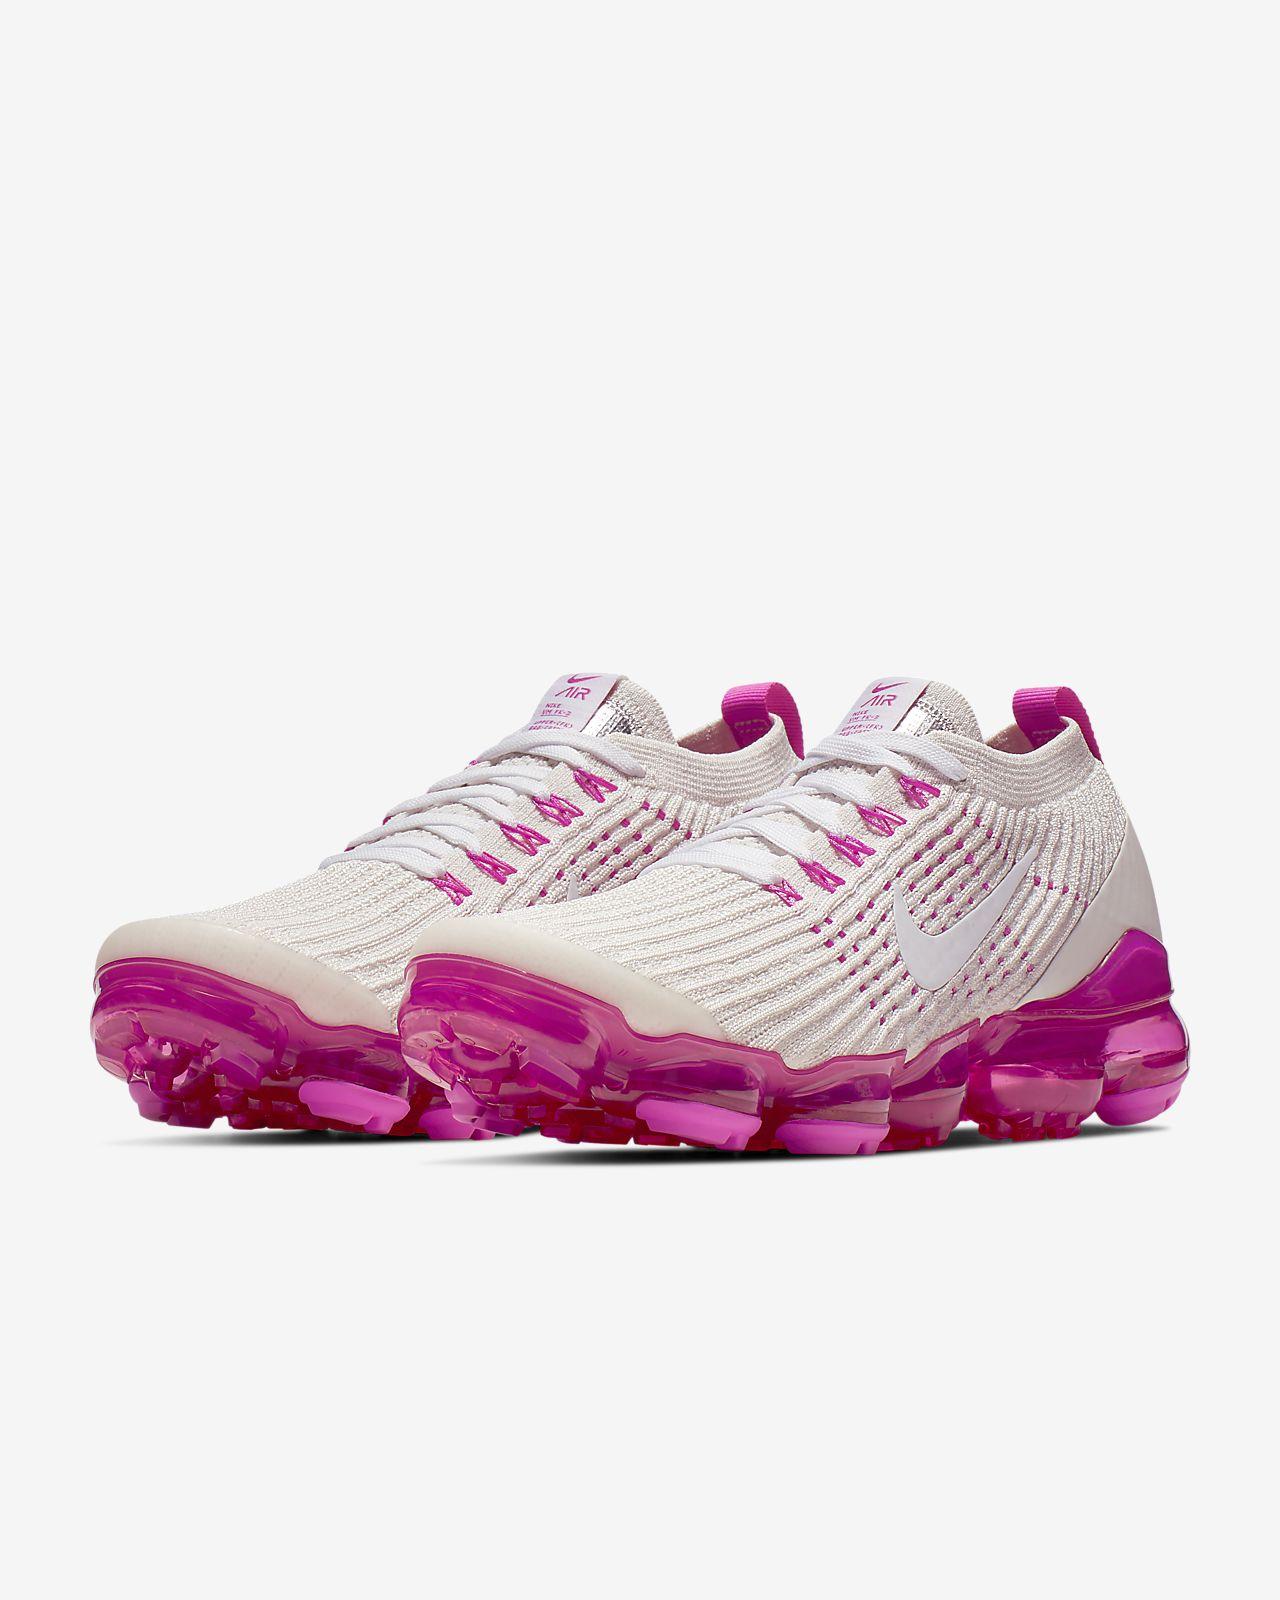 5db5aa4fab7 Nike Air VaporMax Flyknit 3 Women s Shoe. Nike.com BE